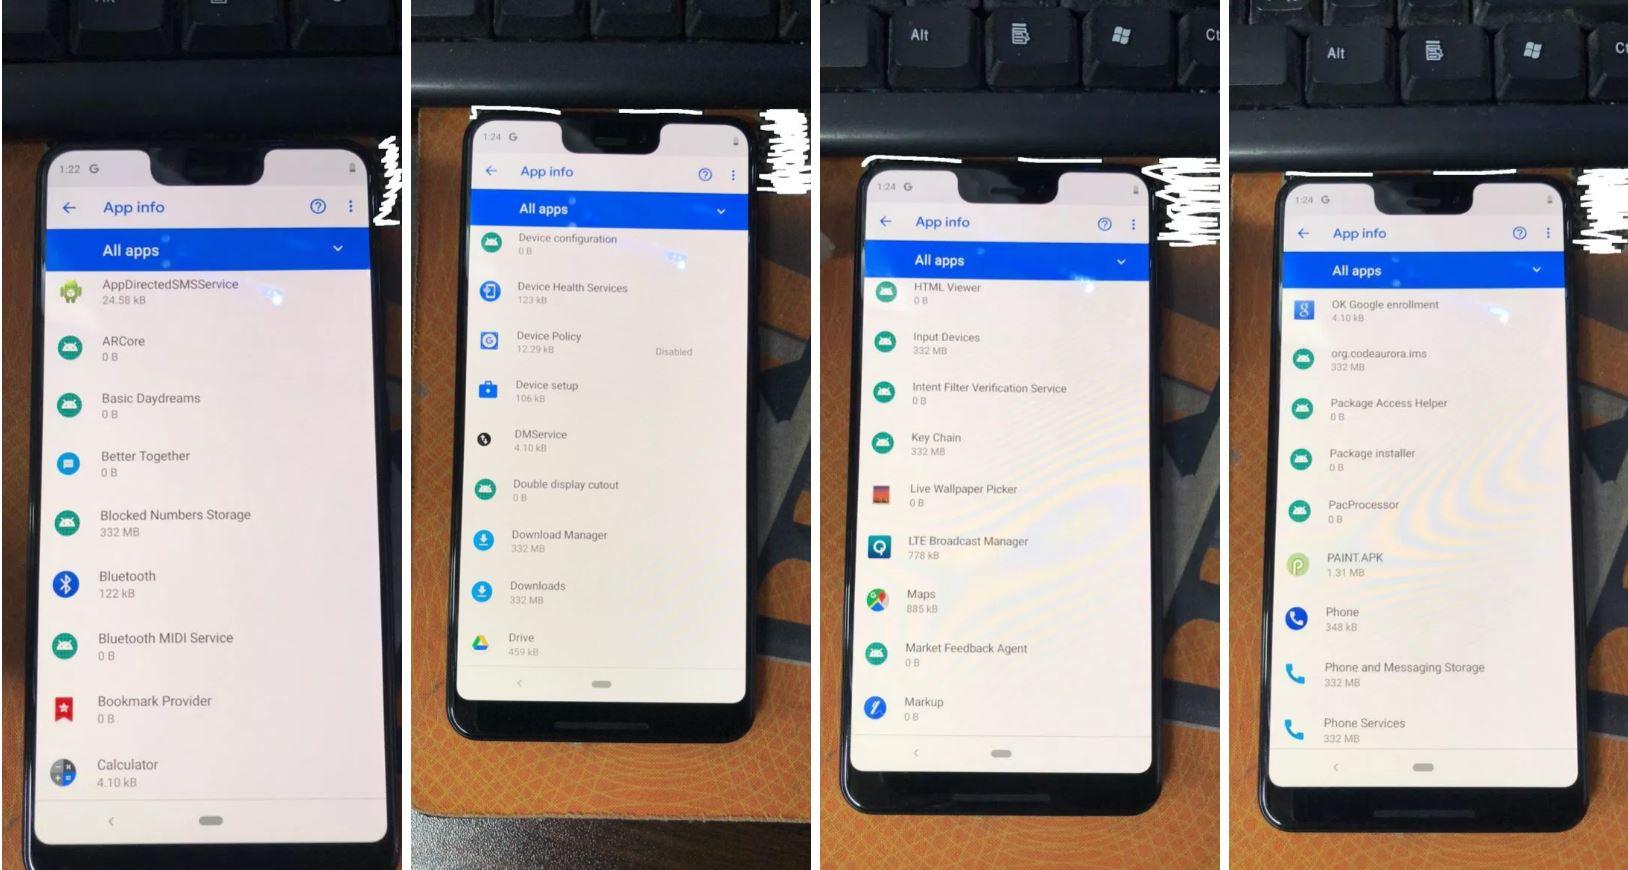 pixel 3 apps